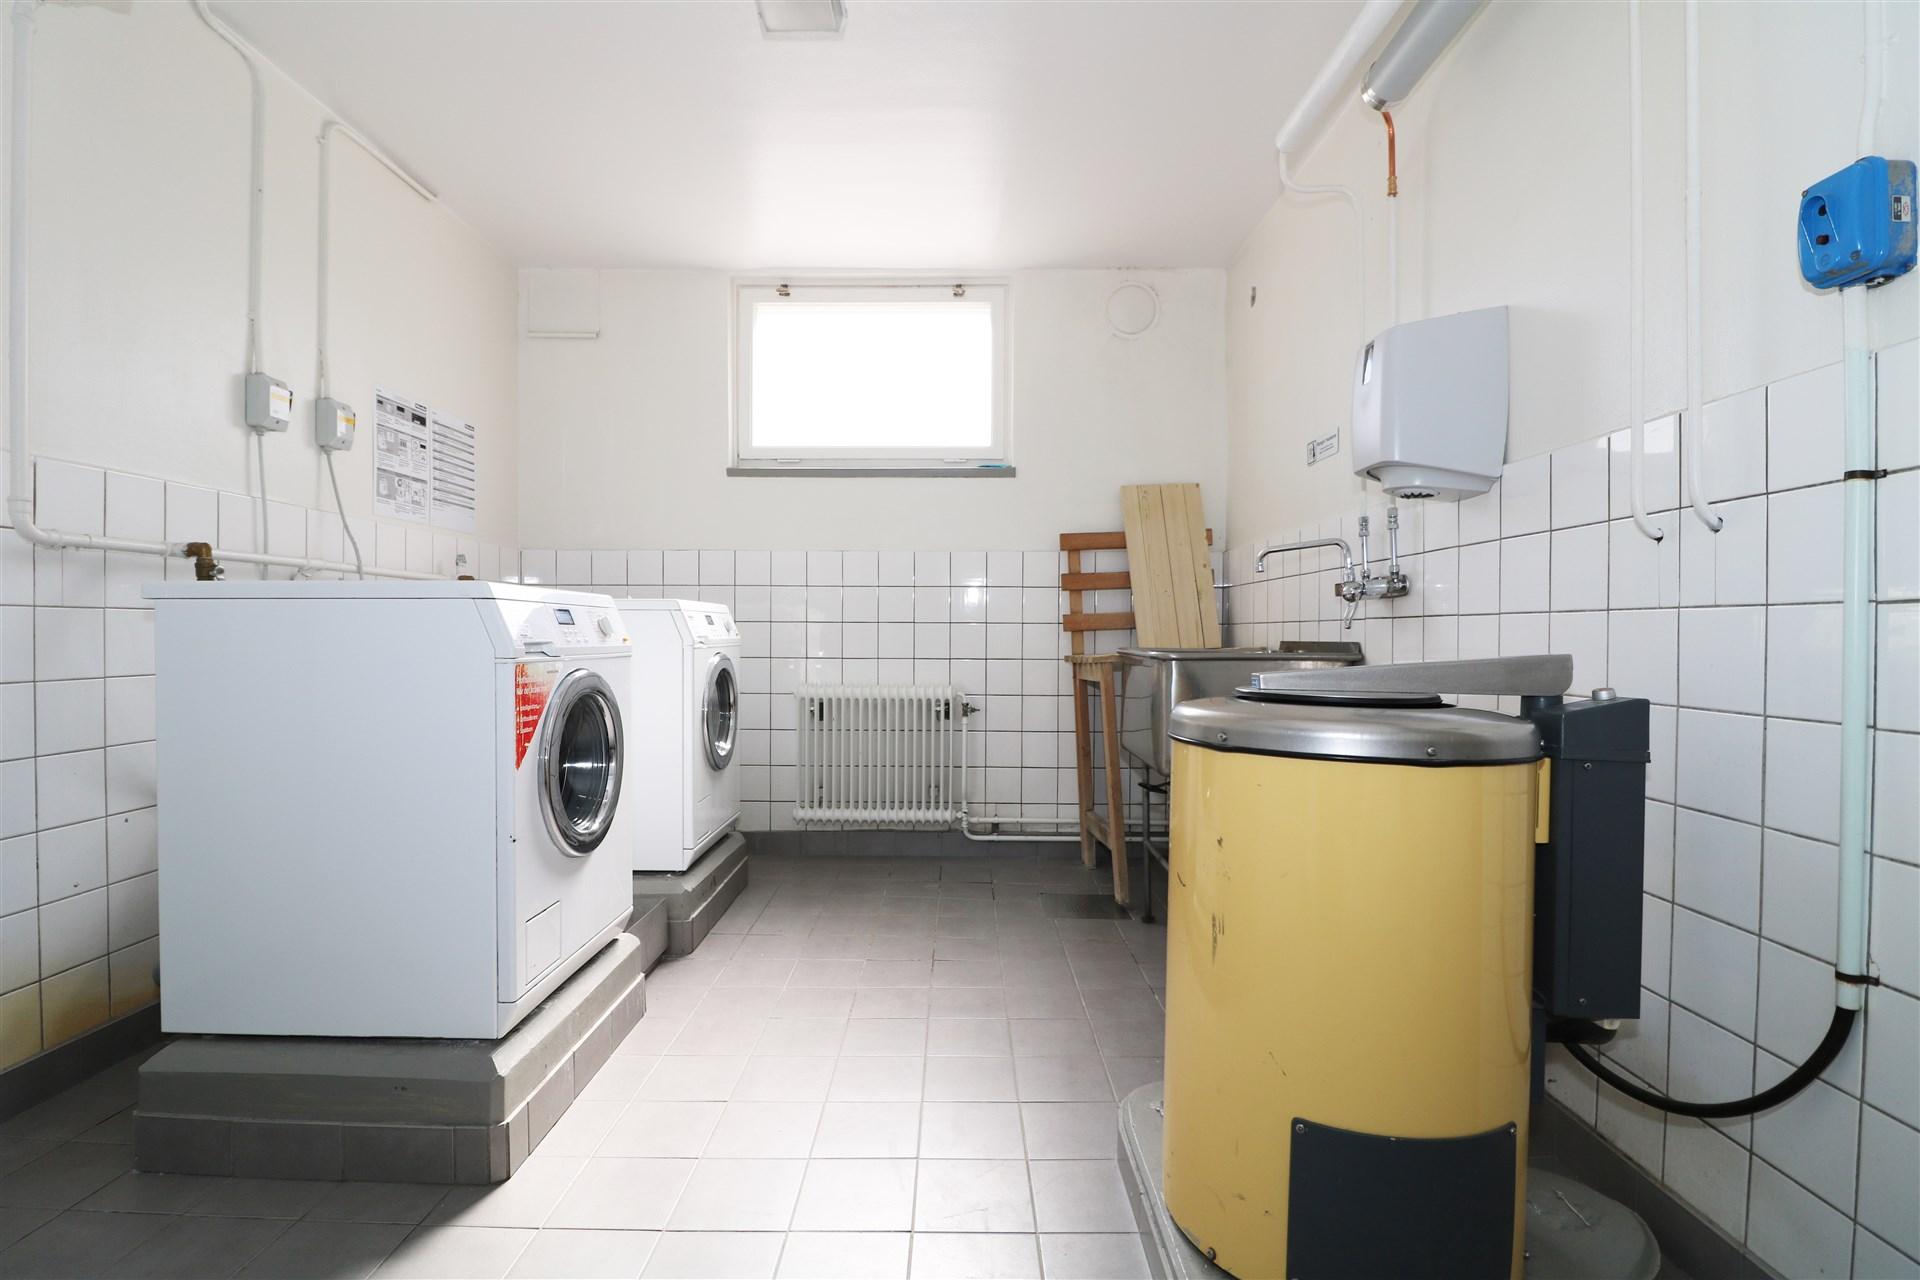 Tvättstugan i föreningen